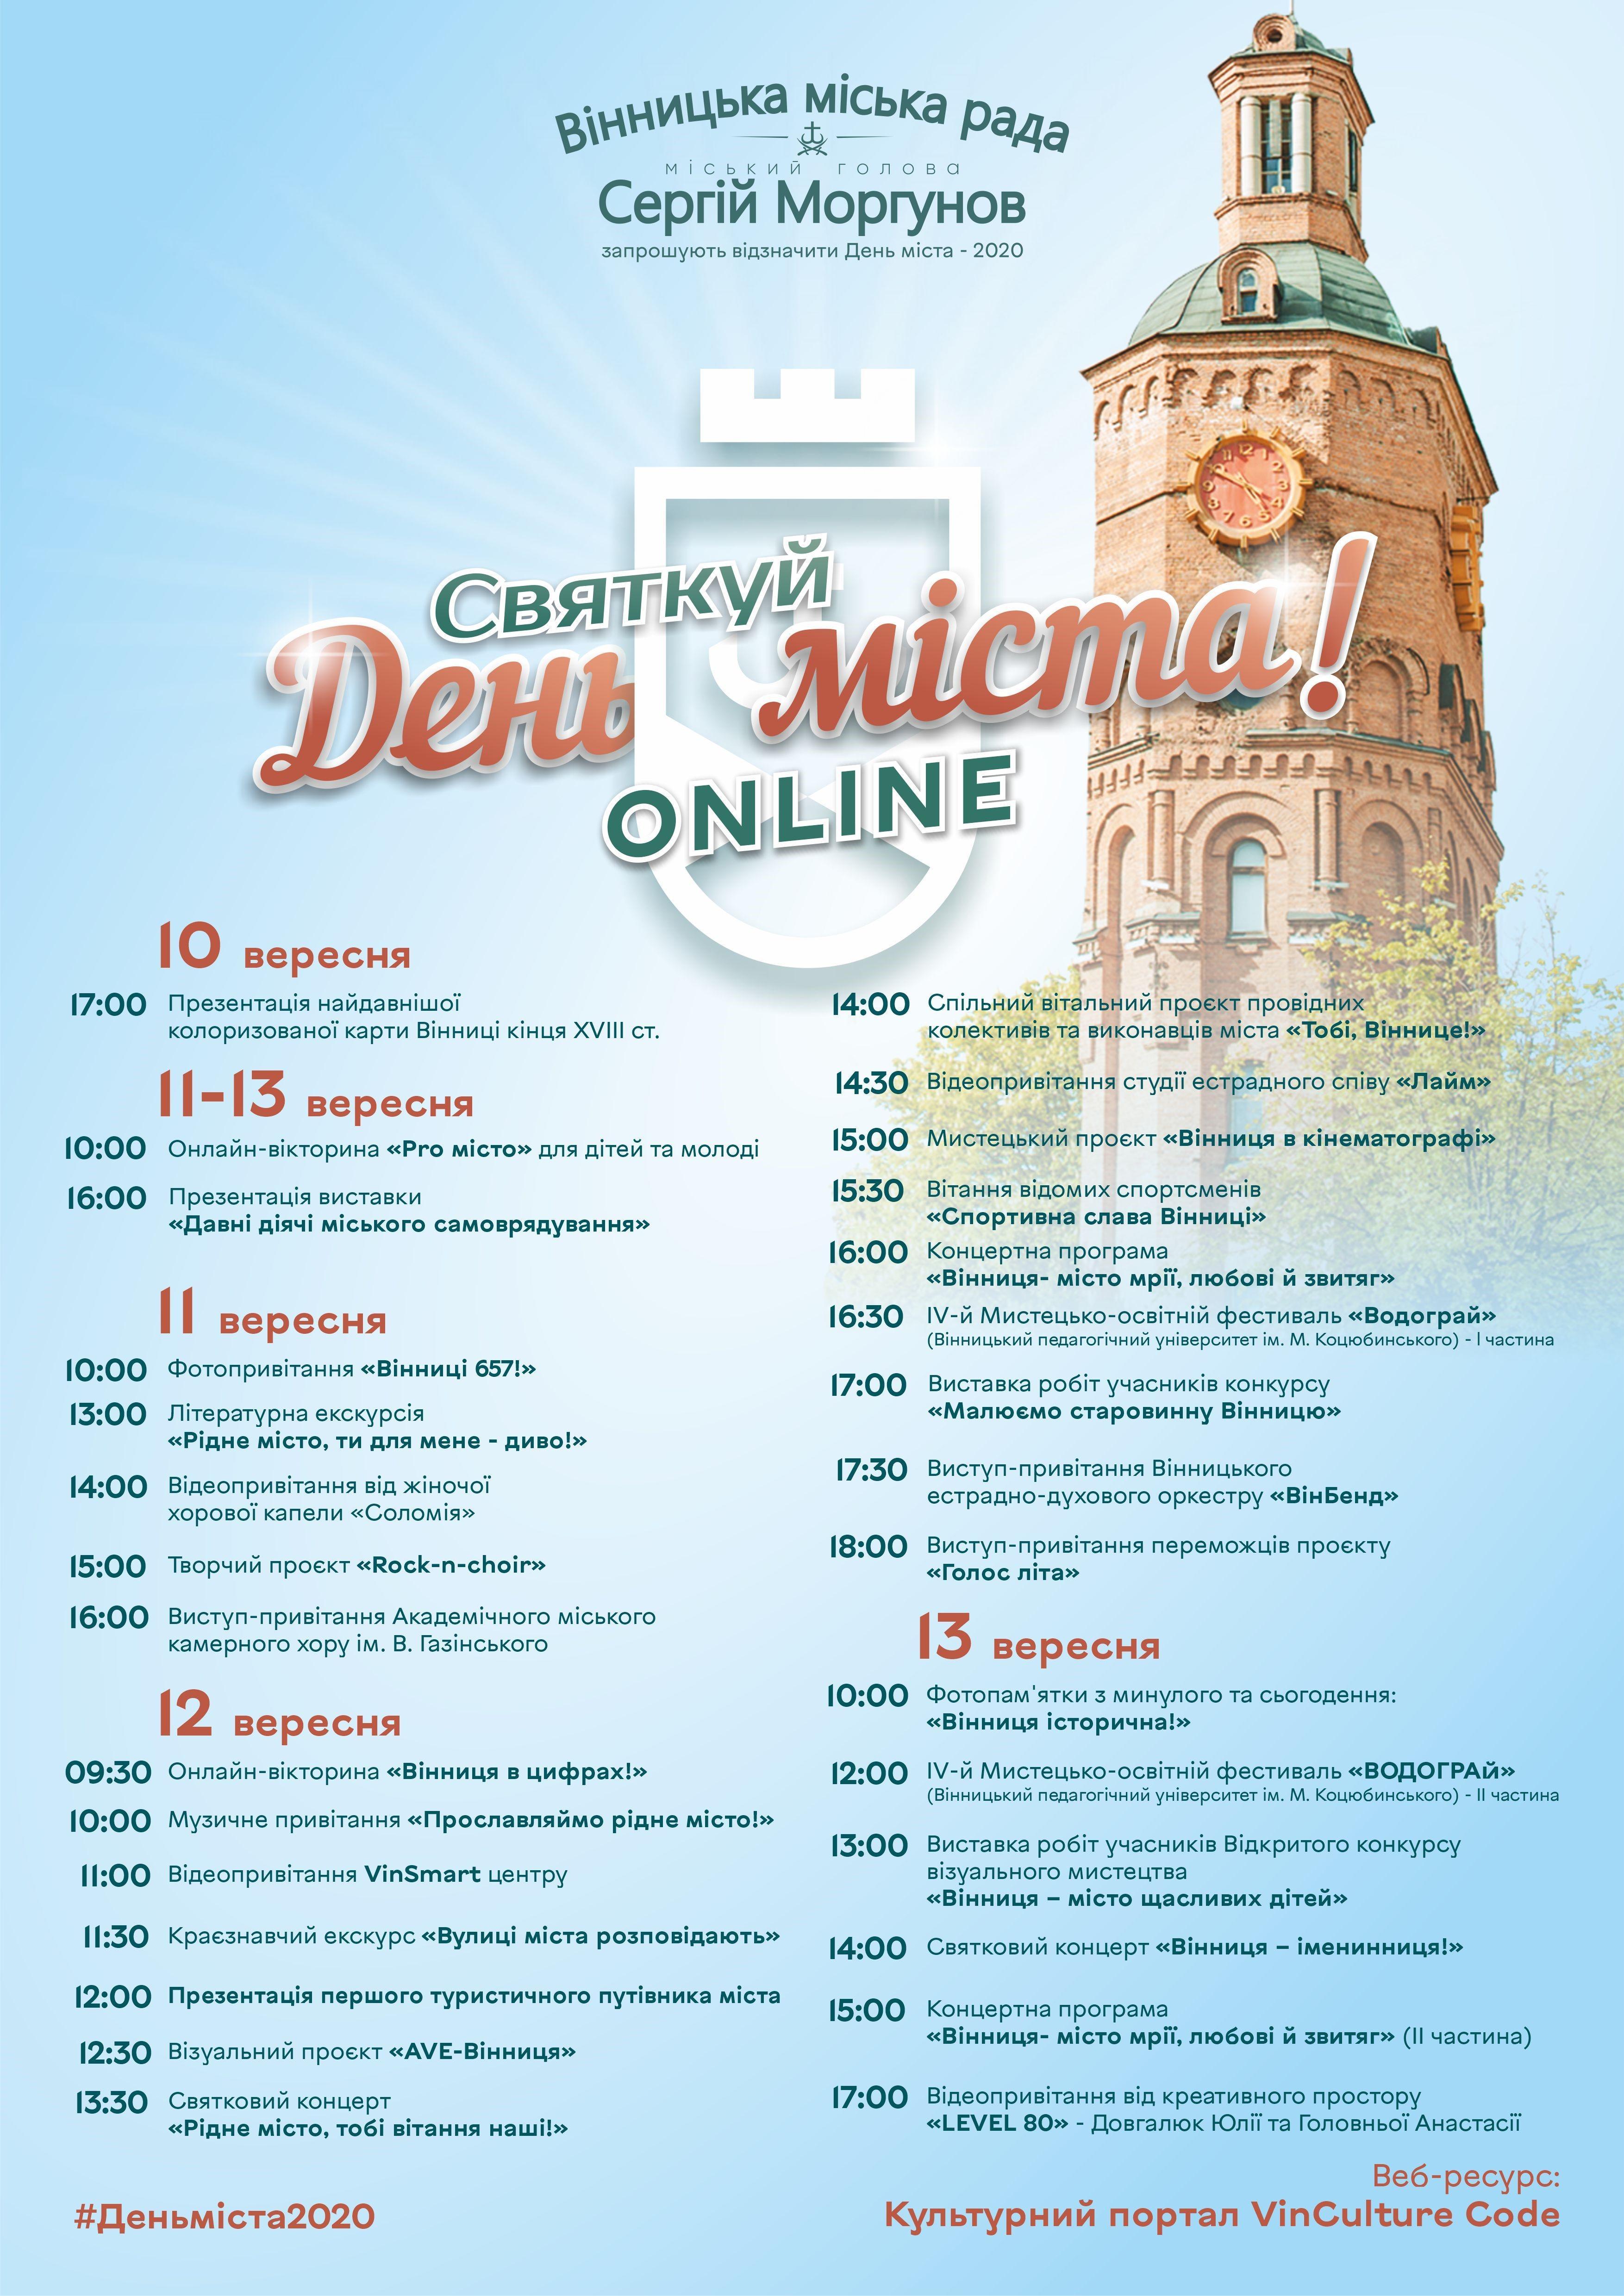 День міста Вінниці 2020 святкуватимуть онлайн. Програма заходів